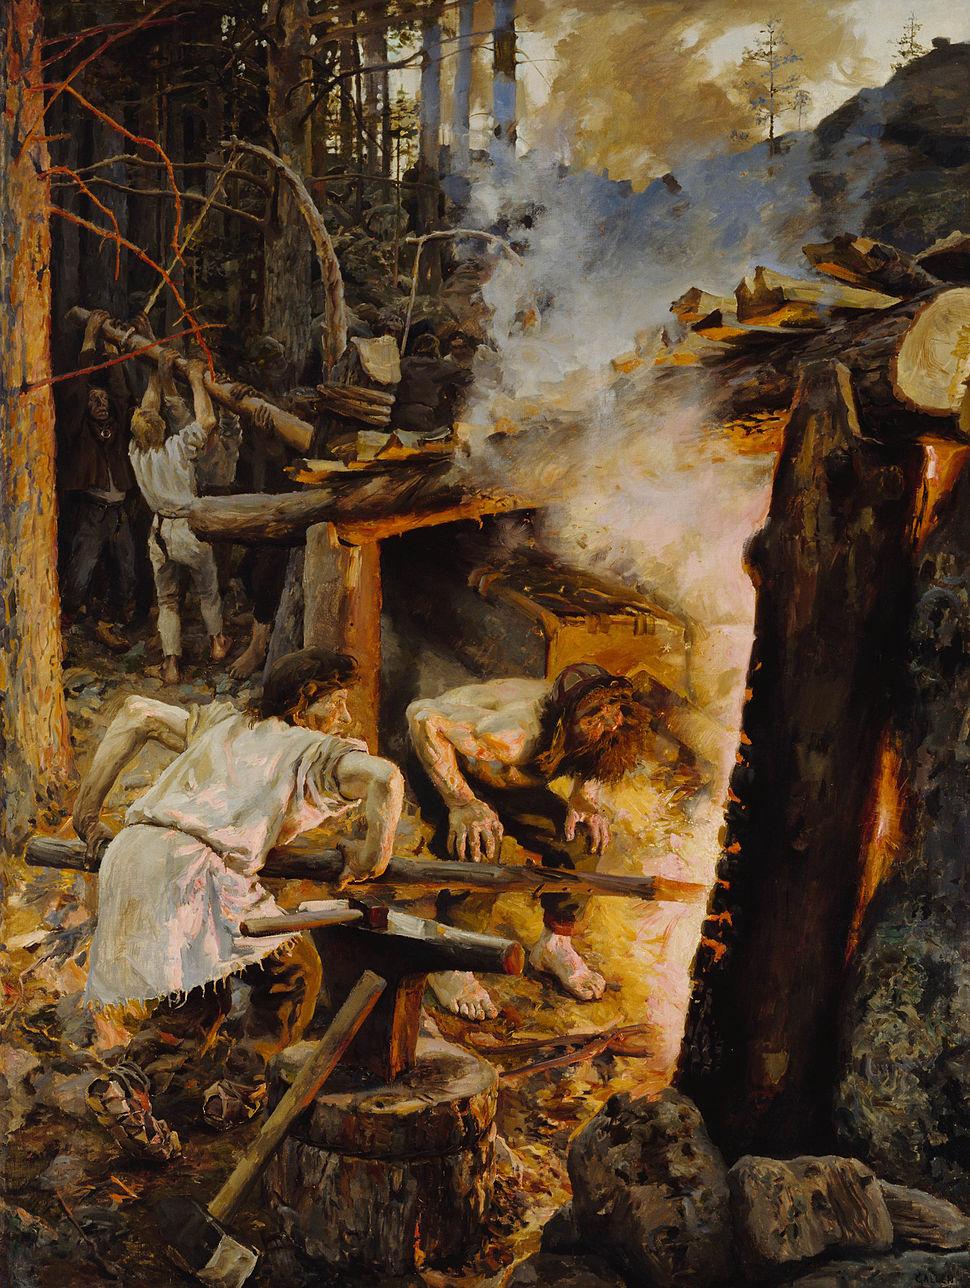 Gallen Kallela The Forging of the Sampo